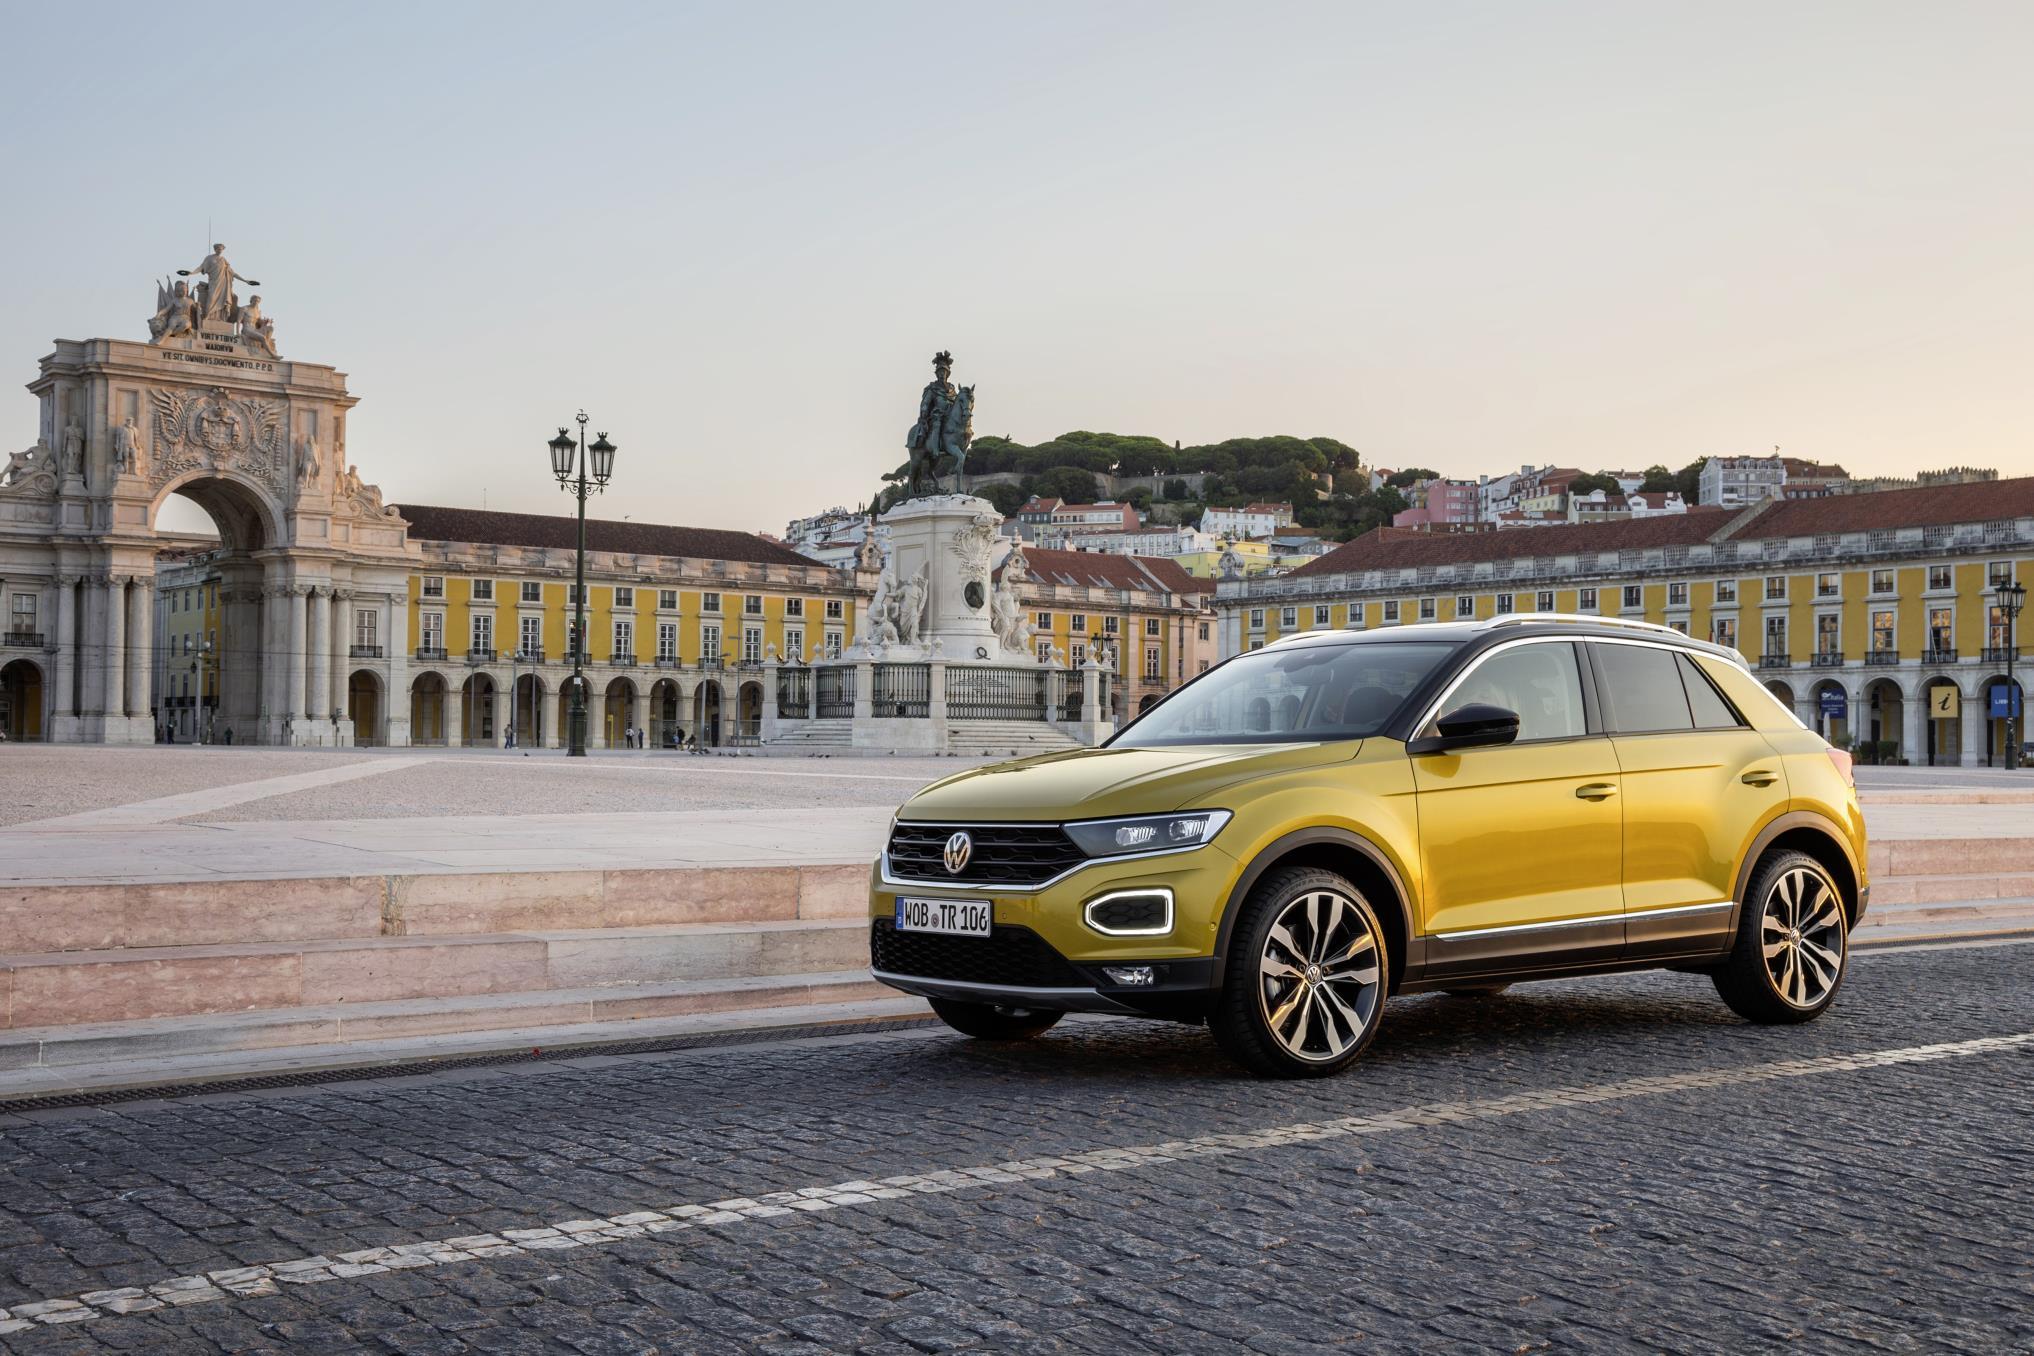 The Volkswagen T-Roc in Lisbon